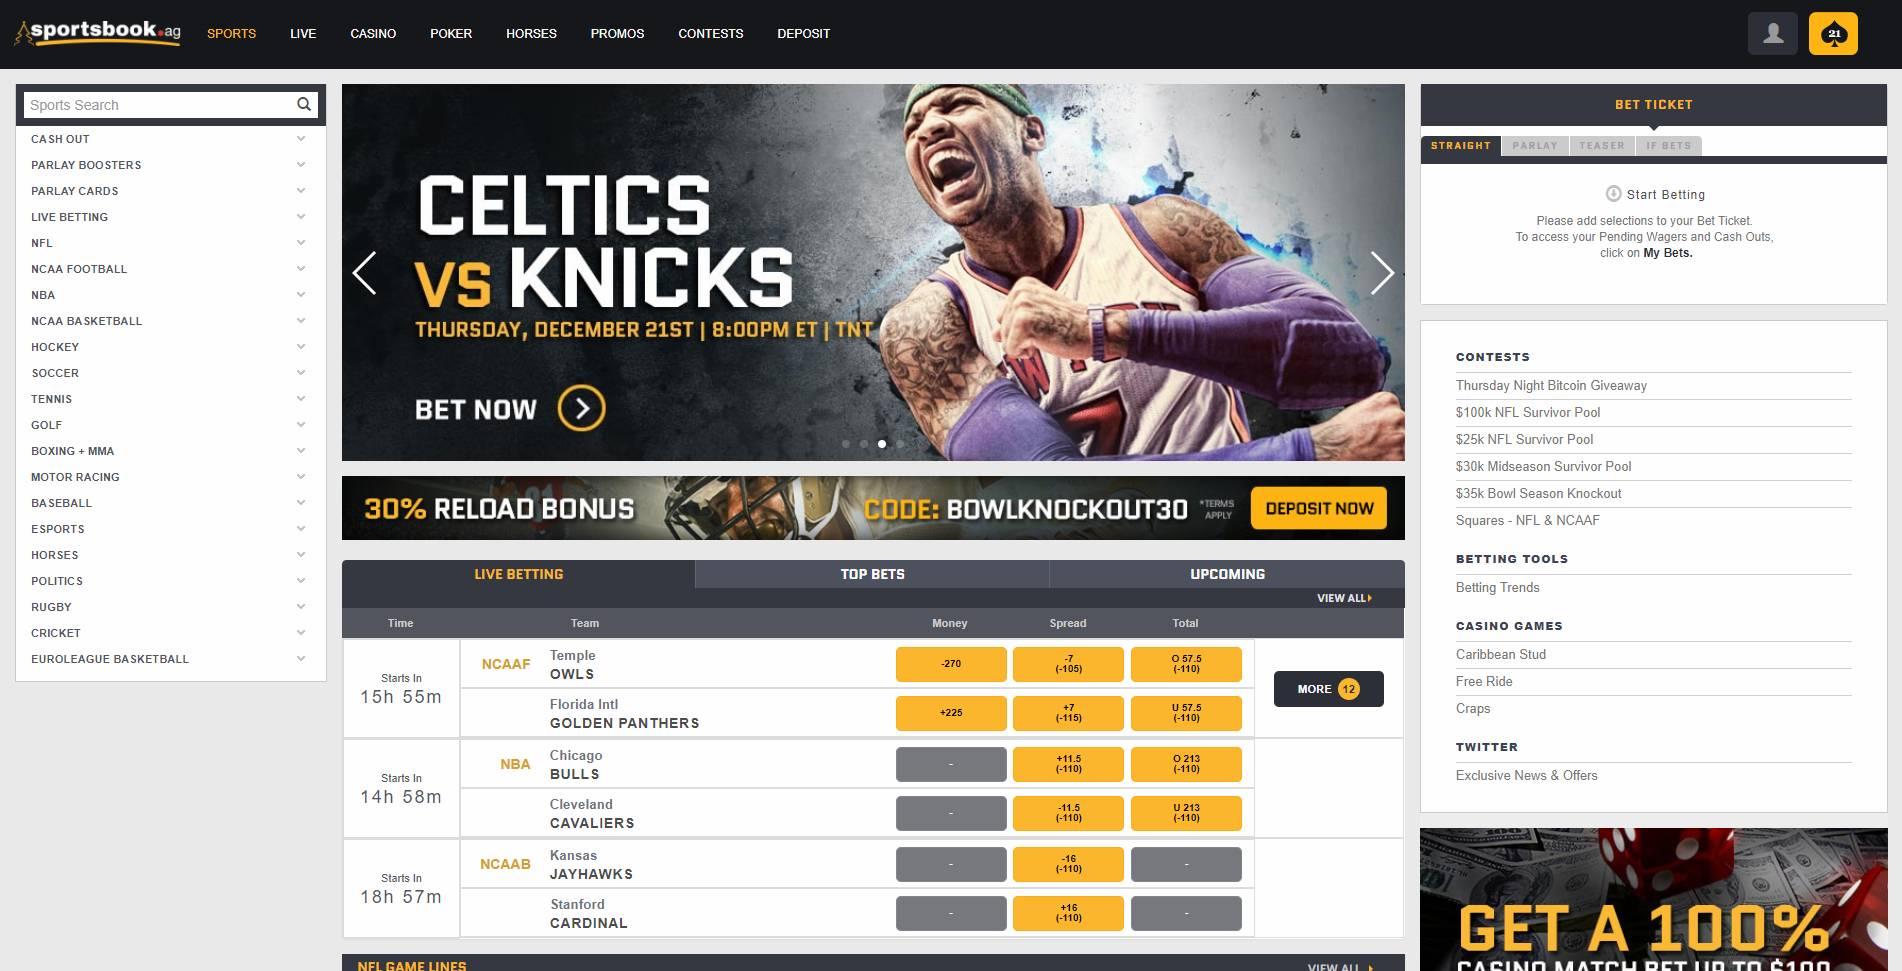 Sportsbook.ag